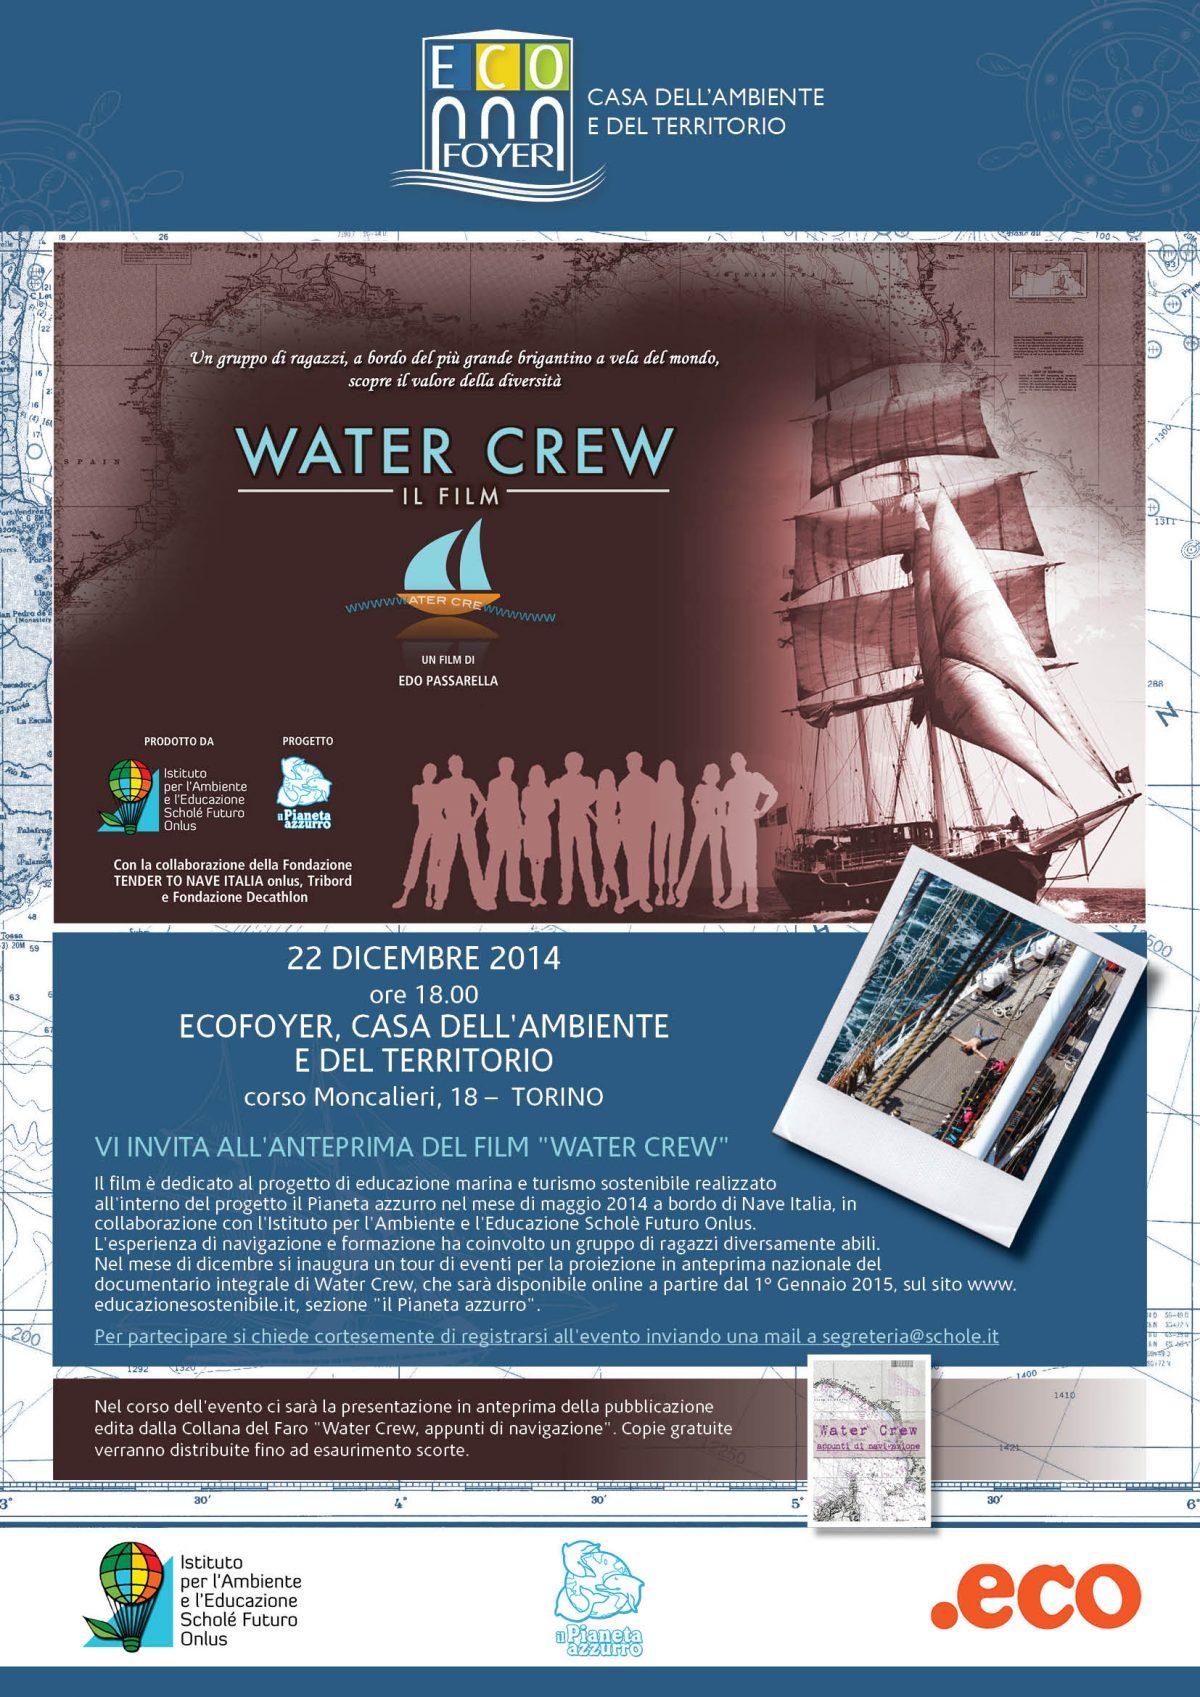 La proiezione di Water Crew, il film approda a Torino